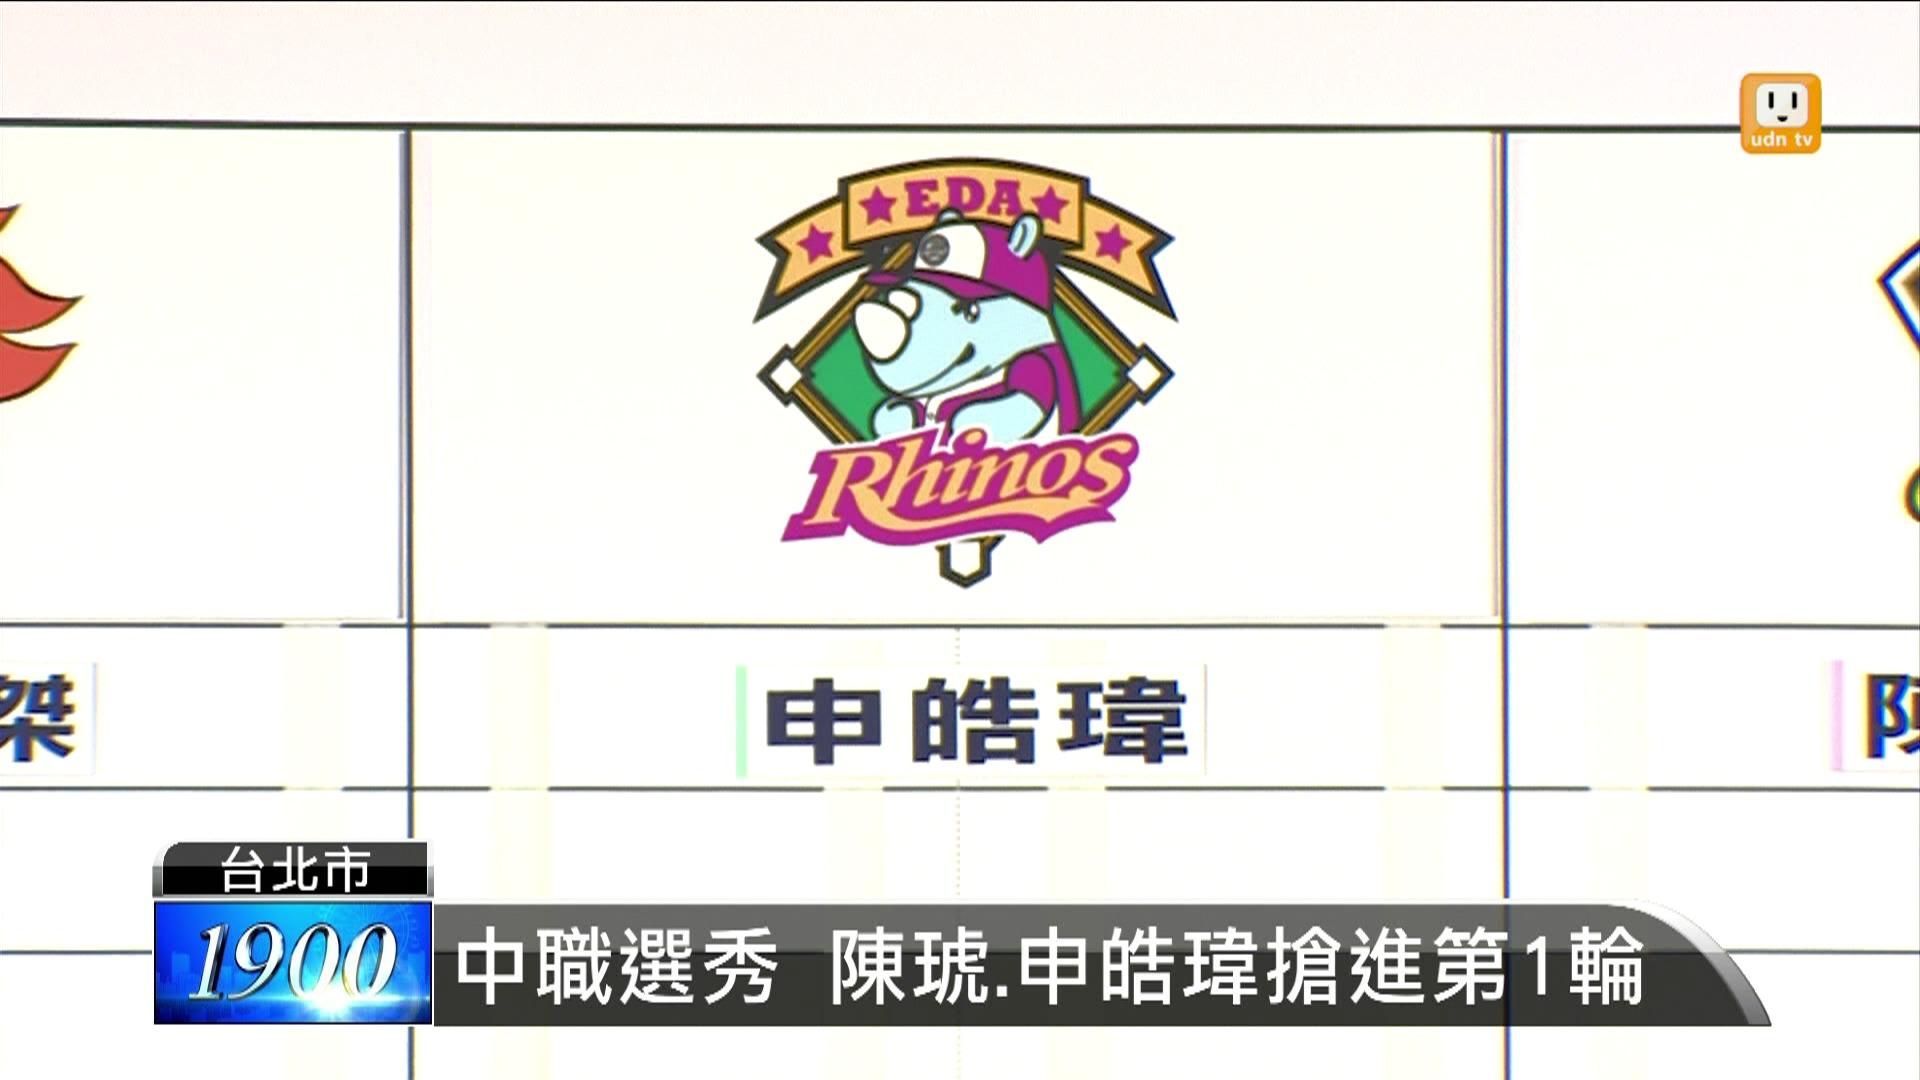 中職選秀 統一獅挑蘇智傑當狀元